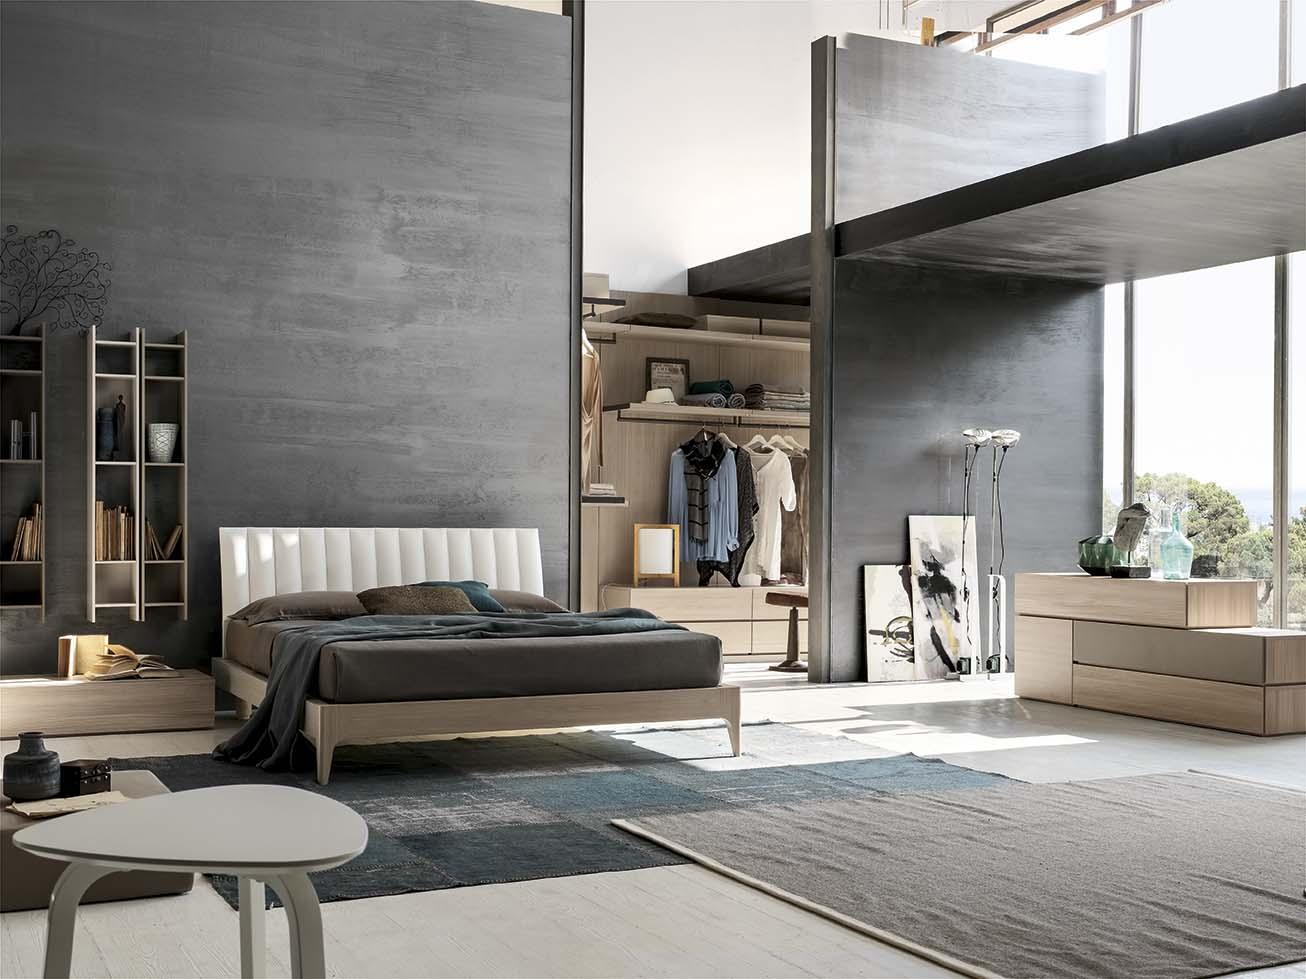 Camere da letto santa lucia arredo spazio casa for Negozi camere da letto roma